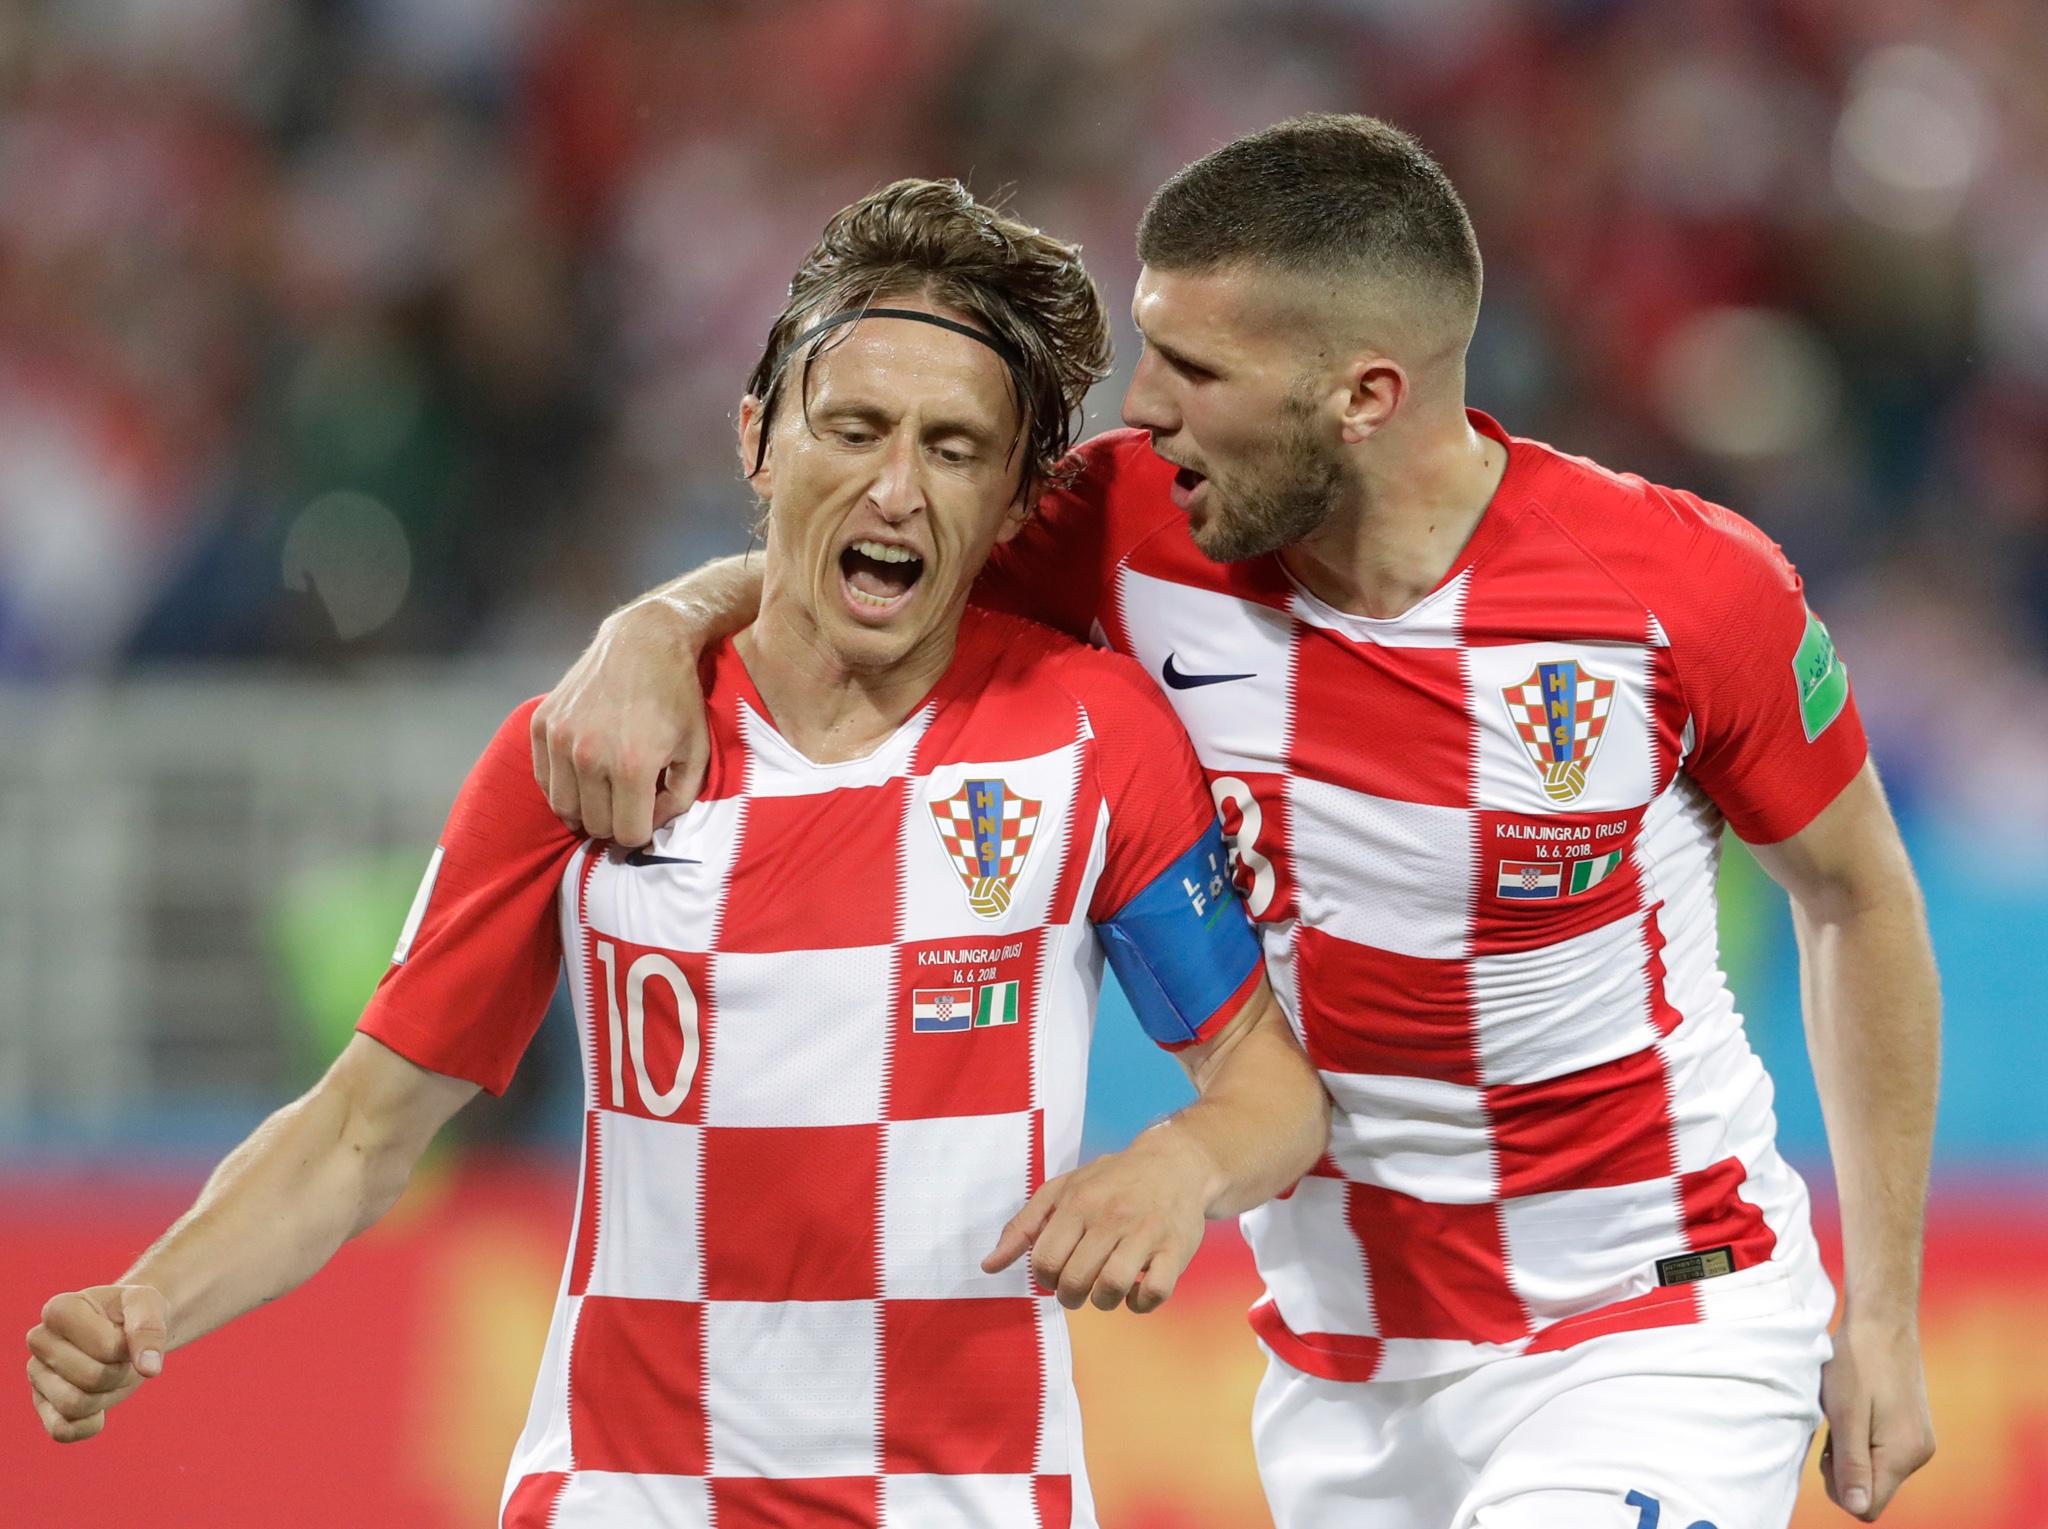 Deux joueurs de foot se serrant l'un contre l'autre (© Petr David Josek/AP Images)